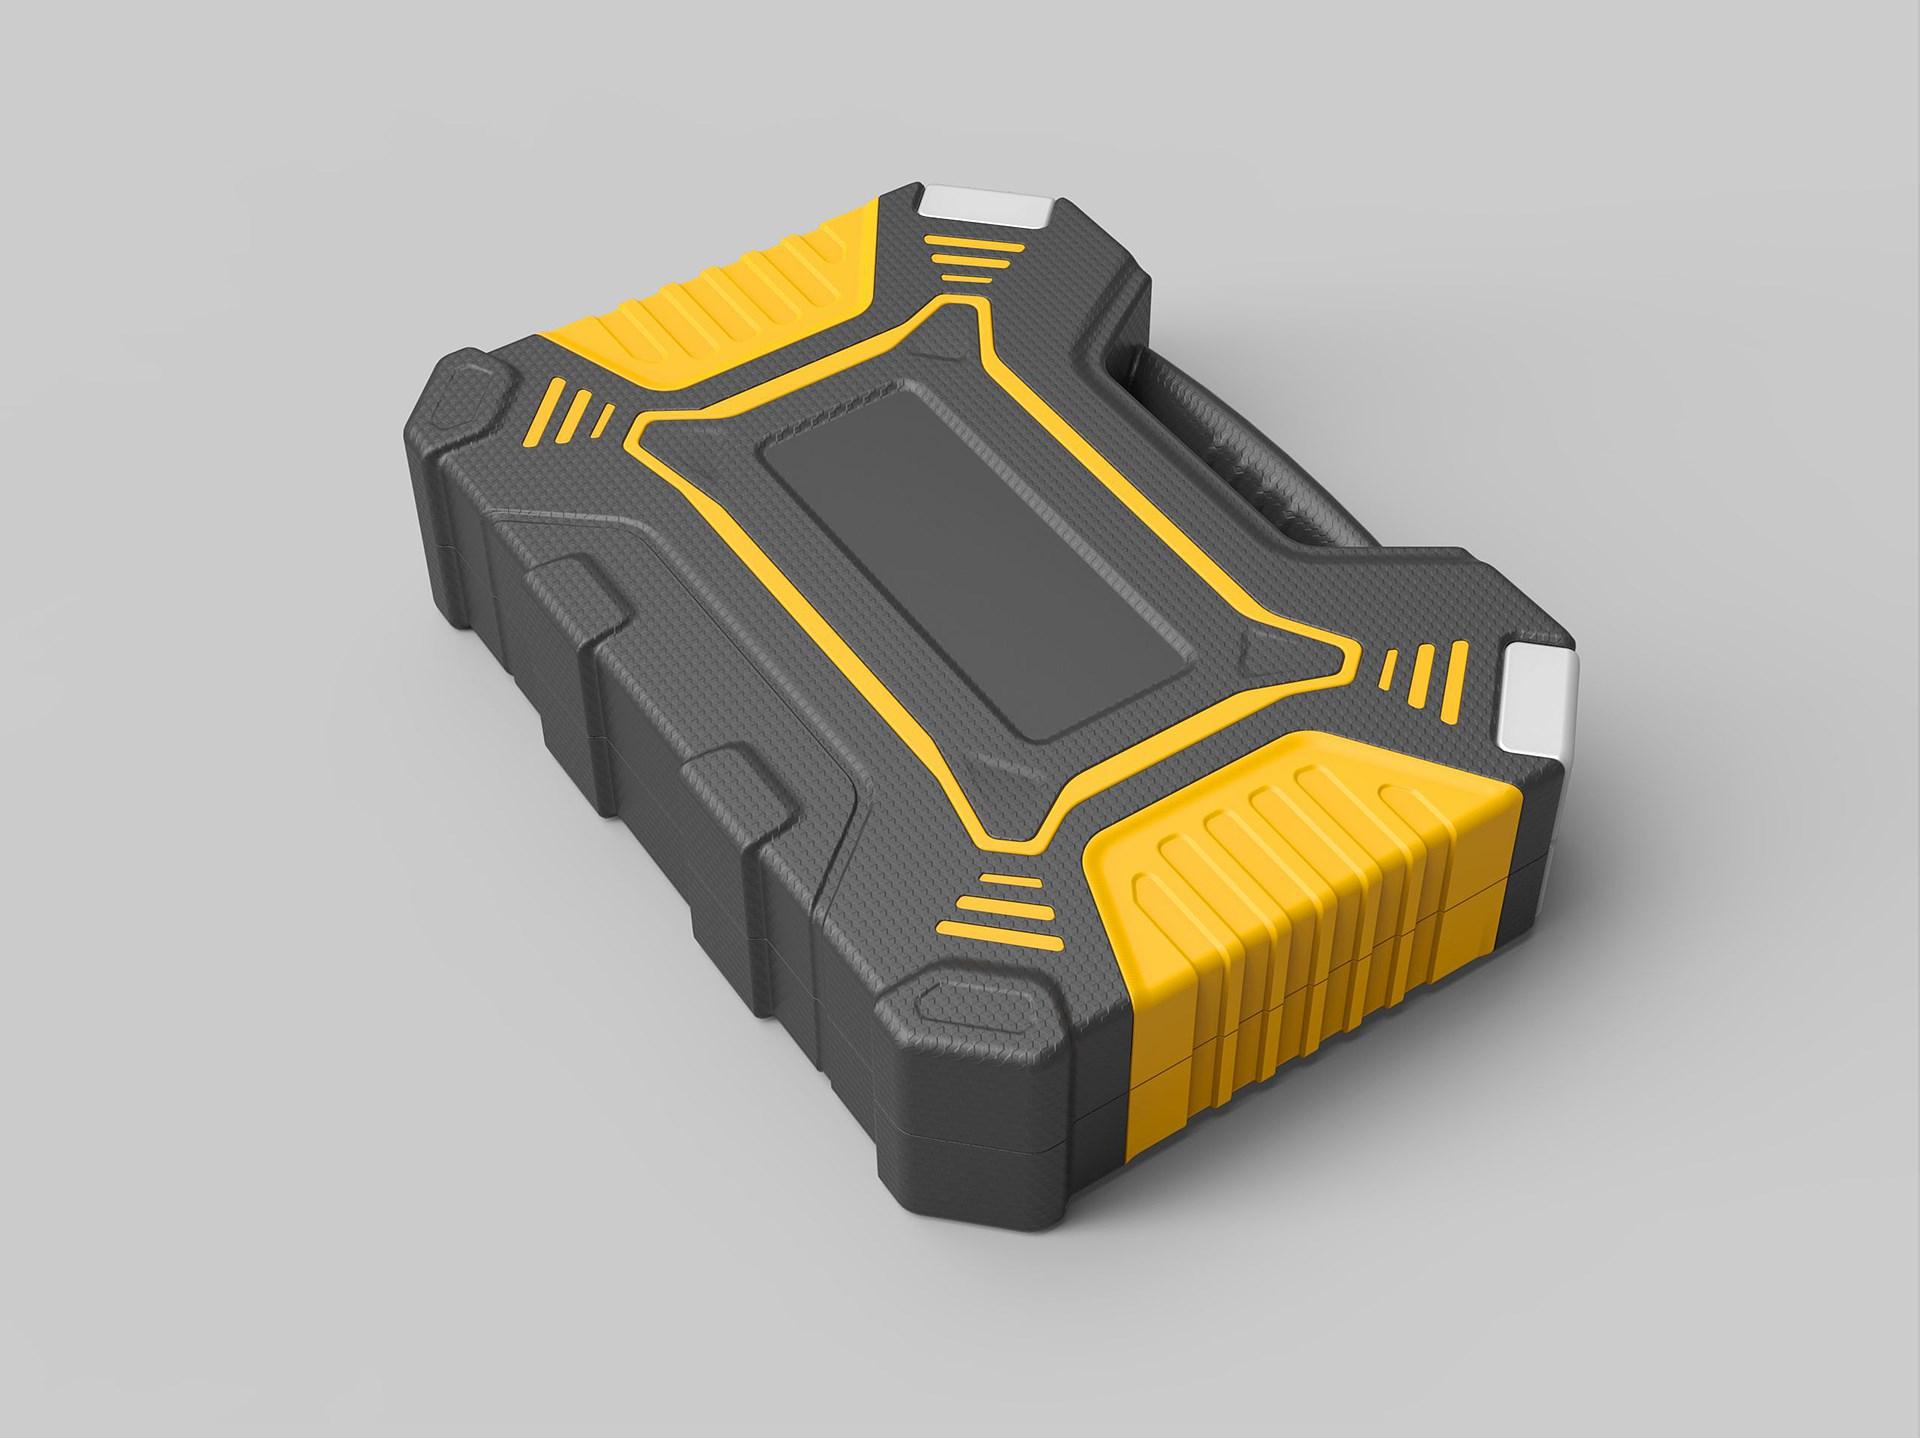 1工具箱工业设计1.jpg